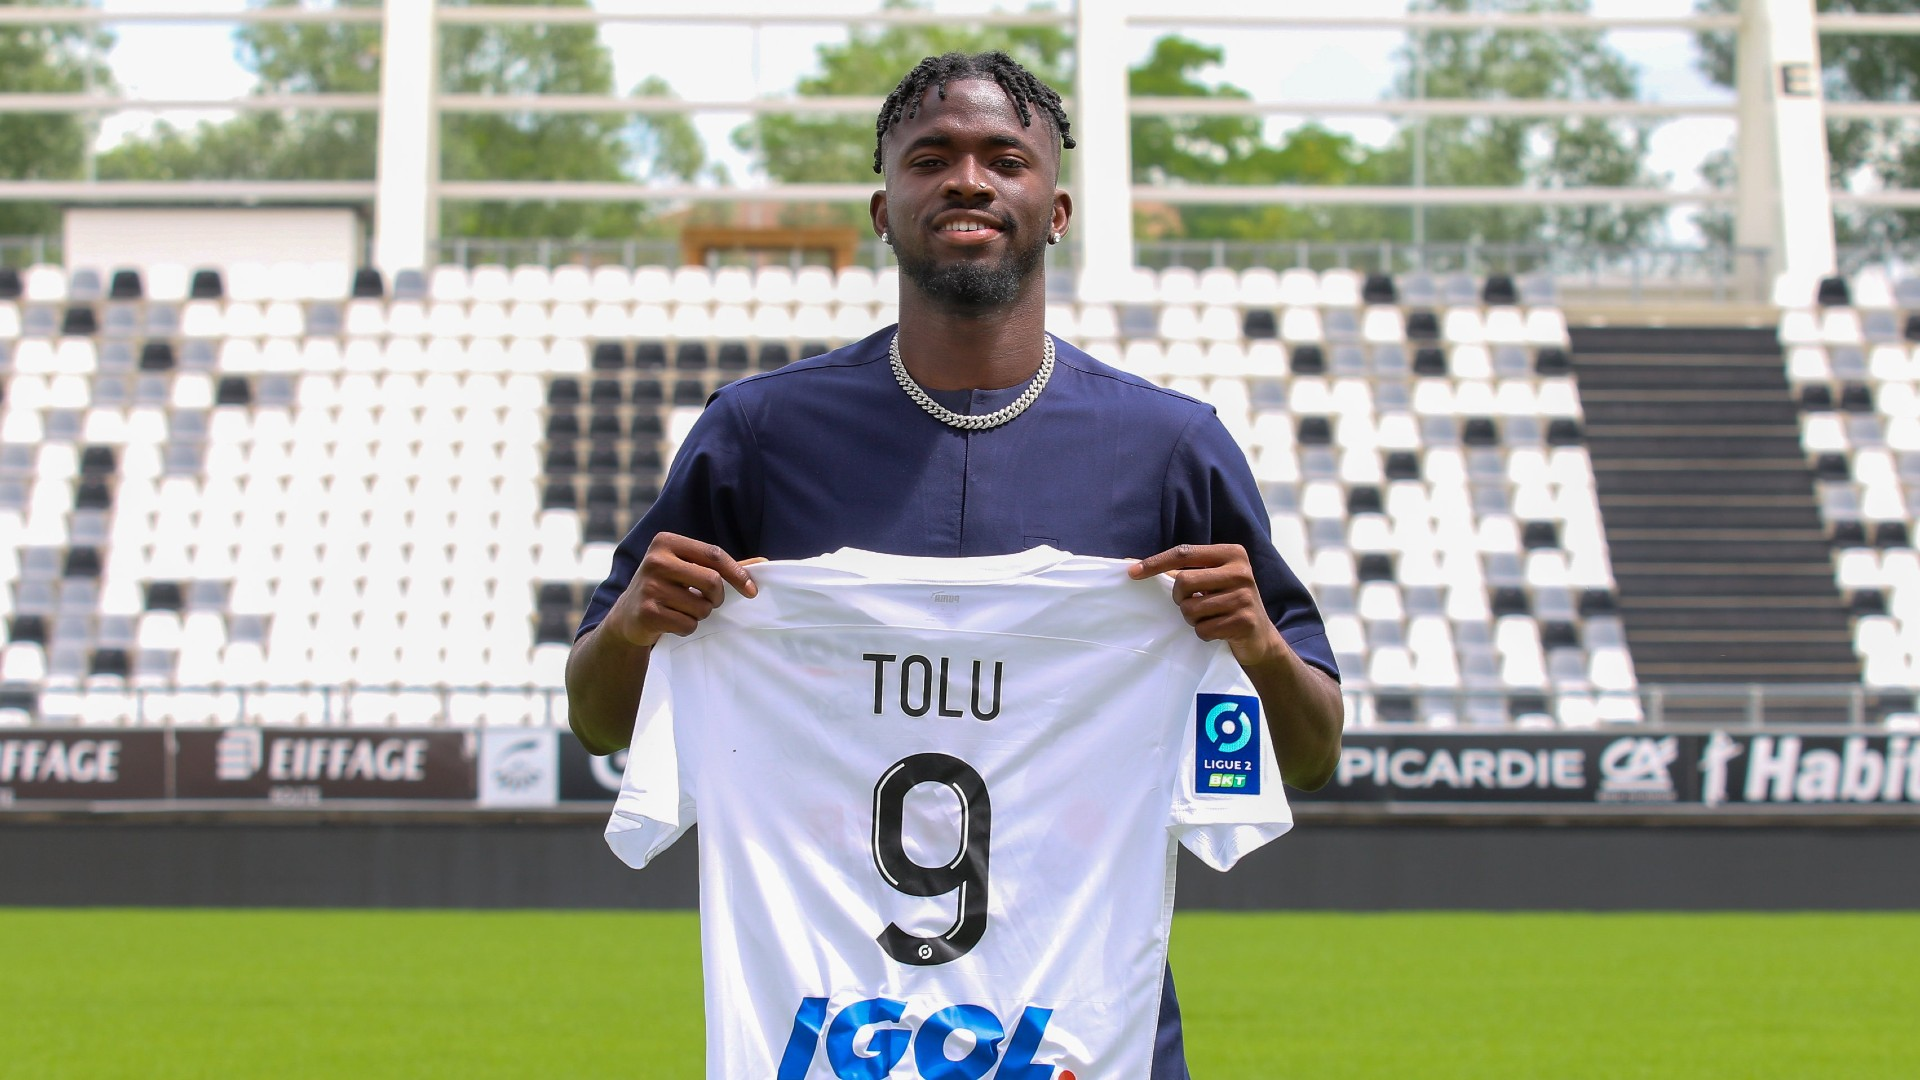 Arokodare: Amiens SC sign Nigerian teenager on loan from Valmeiras